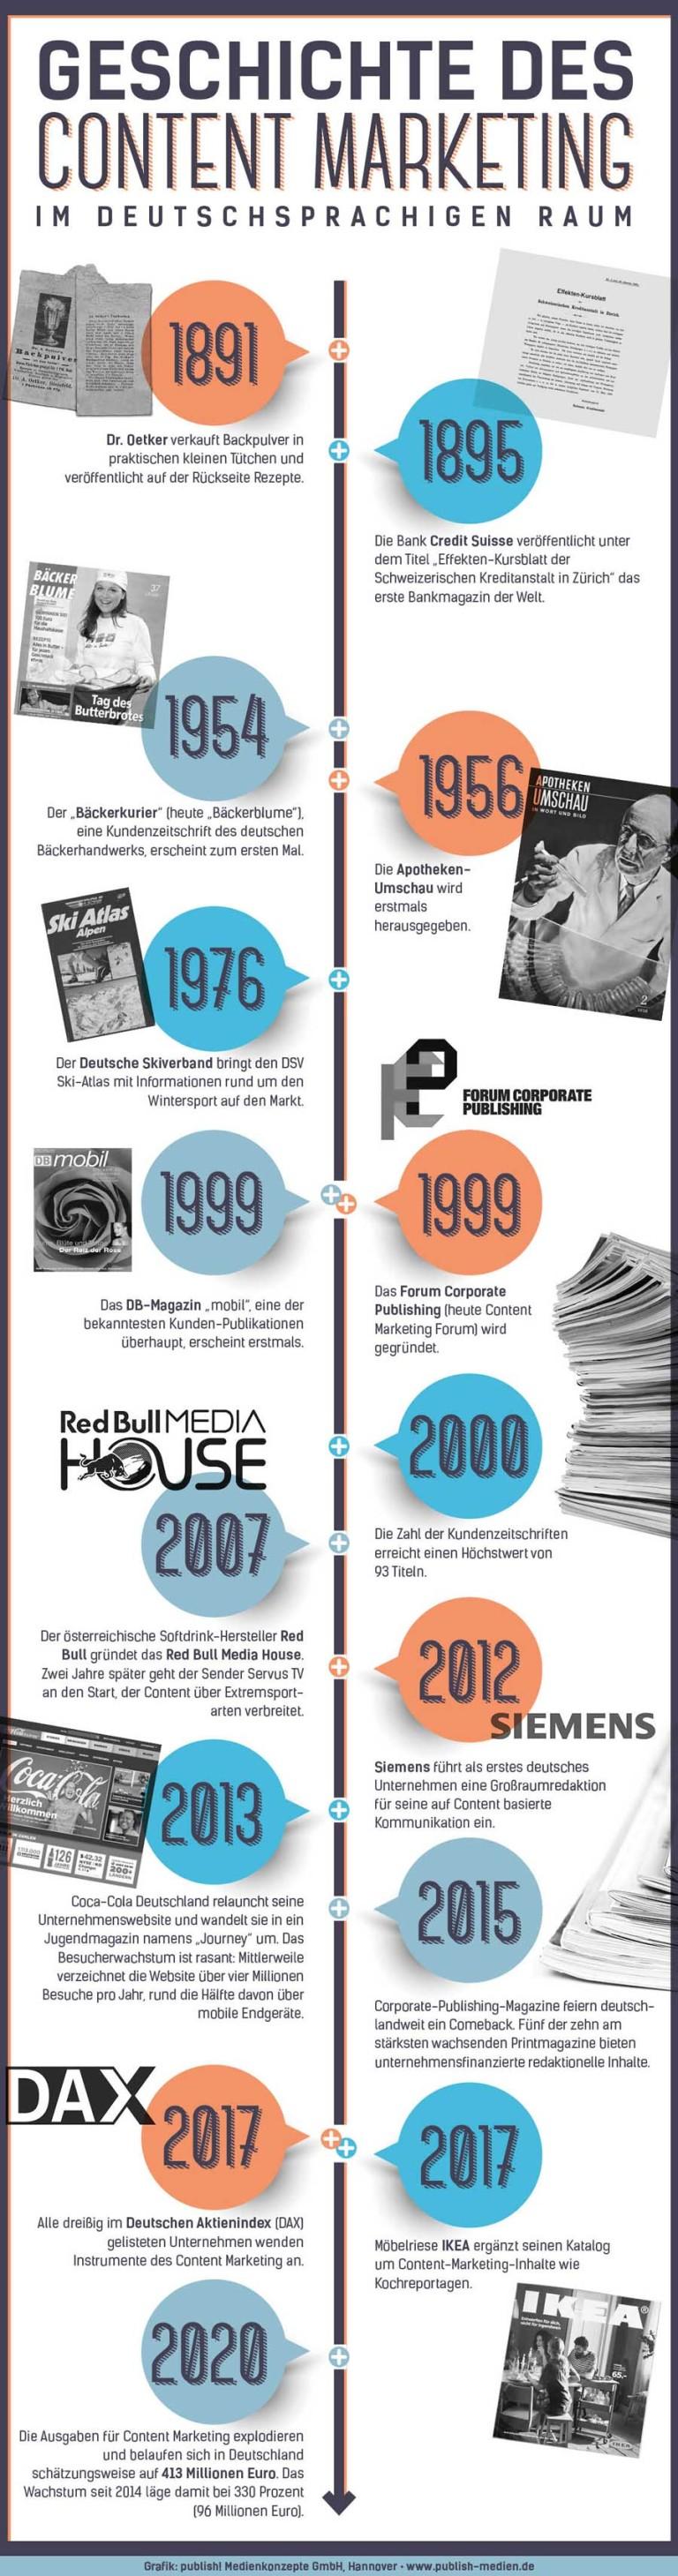 Übersicht: Geschichte des Content Marketing. Dr. Oetker hat damit in Deutschland begonnen, gefolgt von Corporate-Publishing-Magazinen und auf Unternehmensblogs.